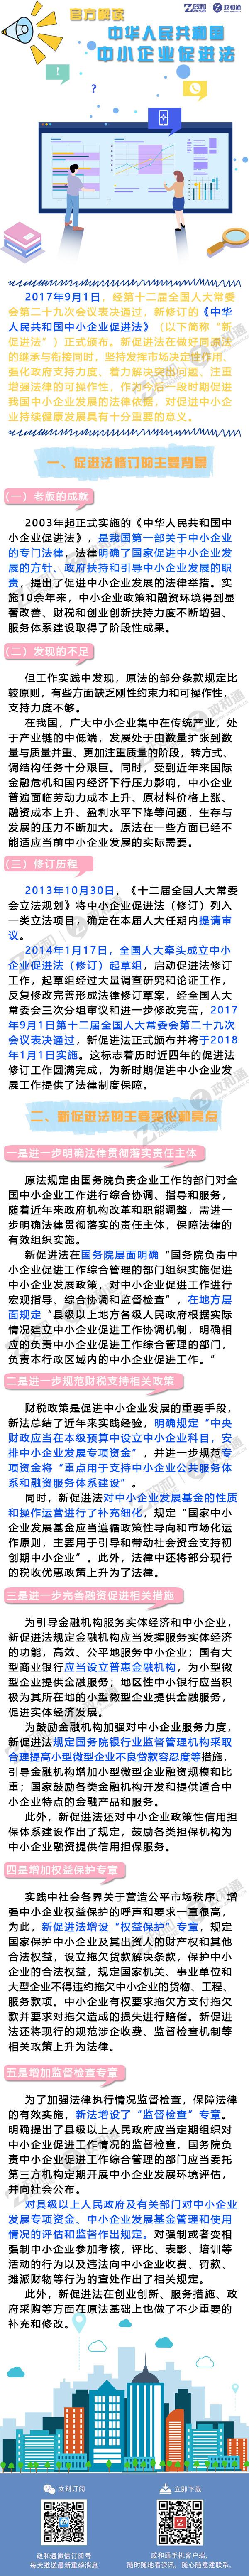 (政和)中華人民共和國中小企業促進法.jpg